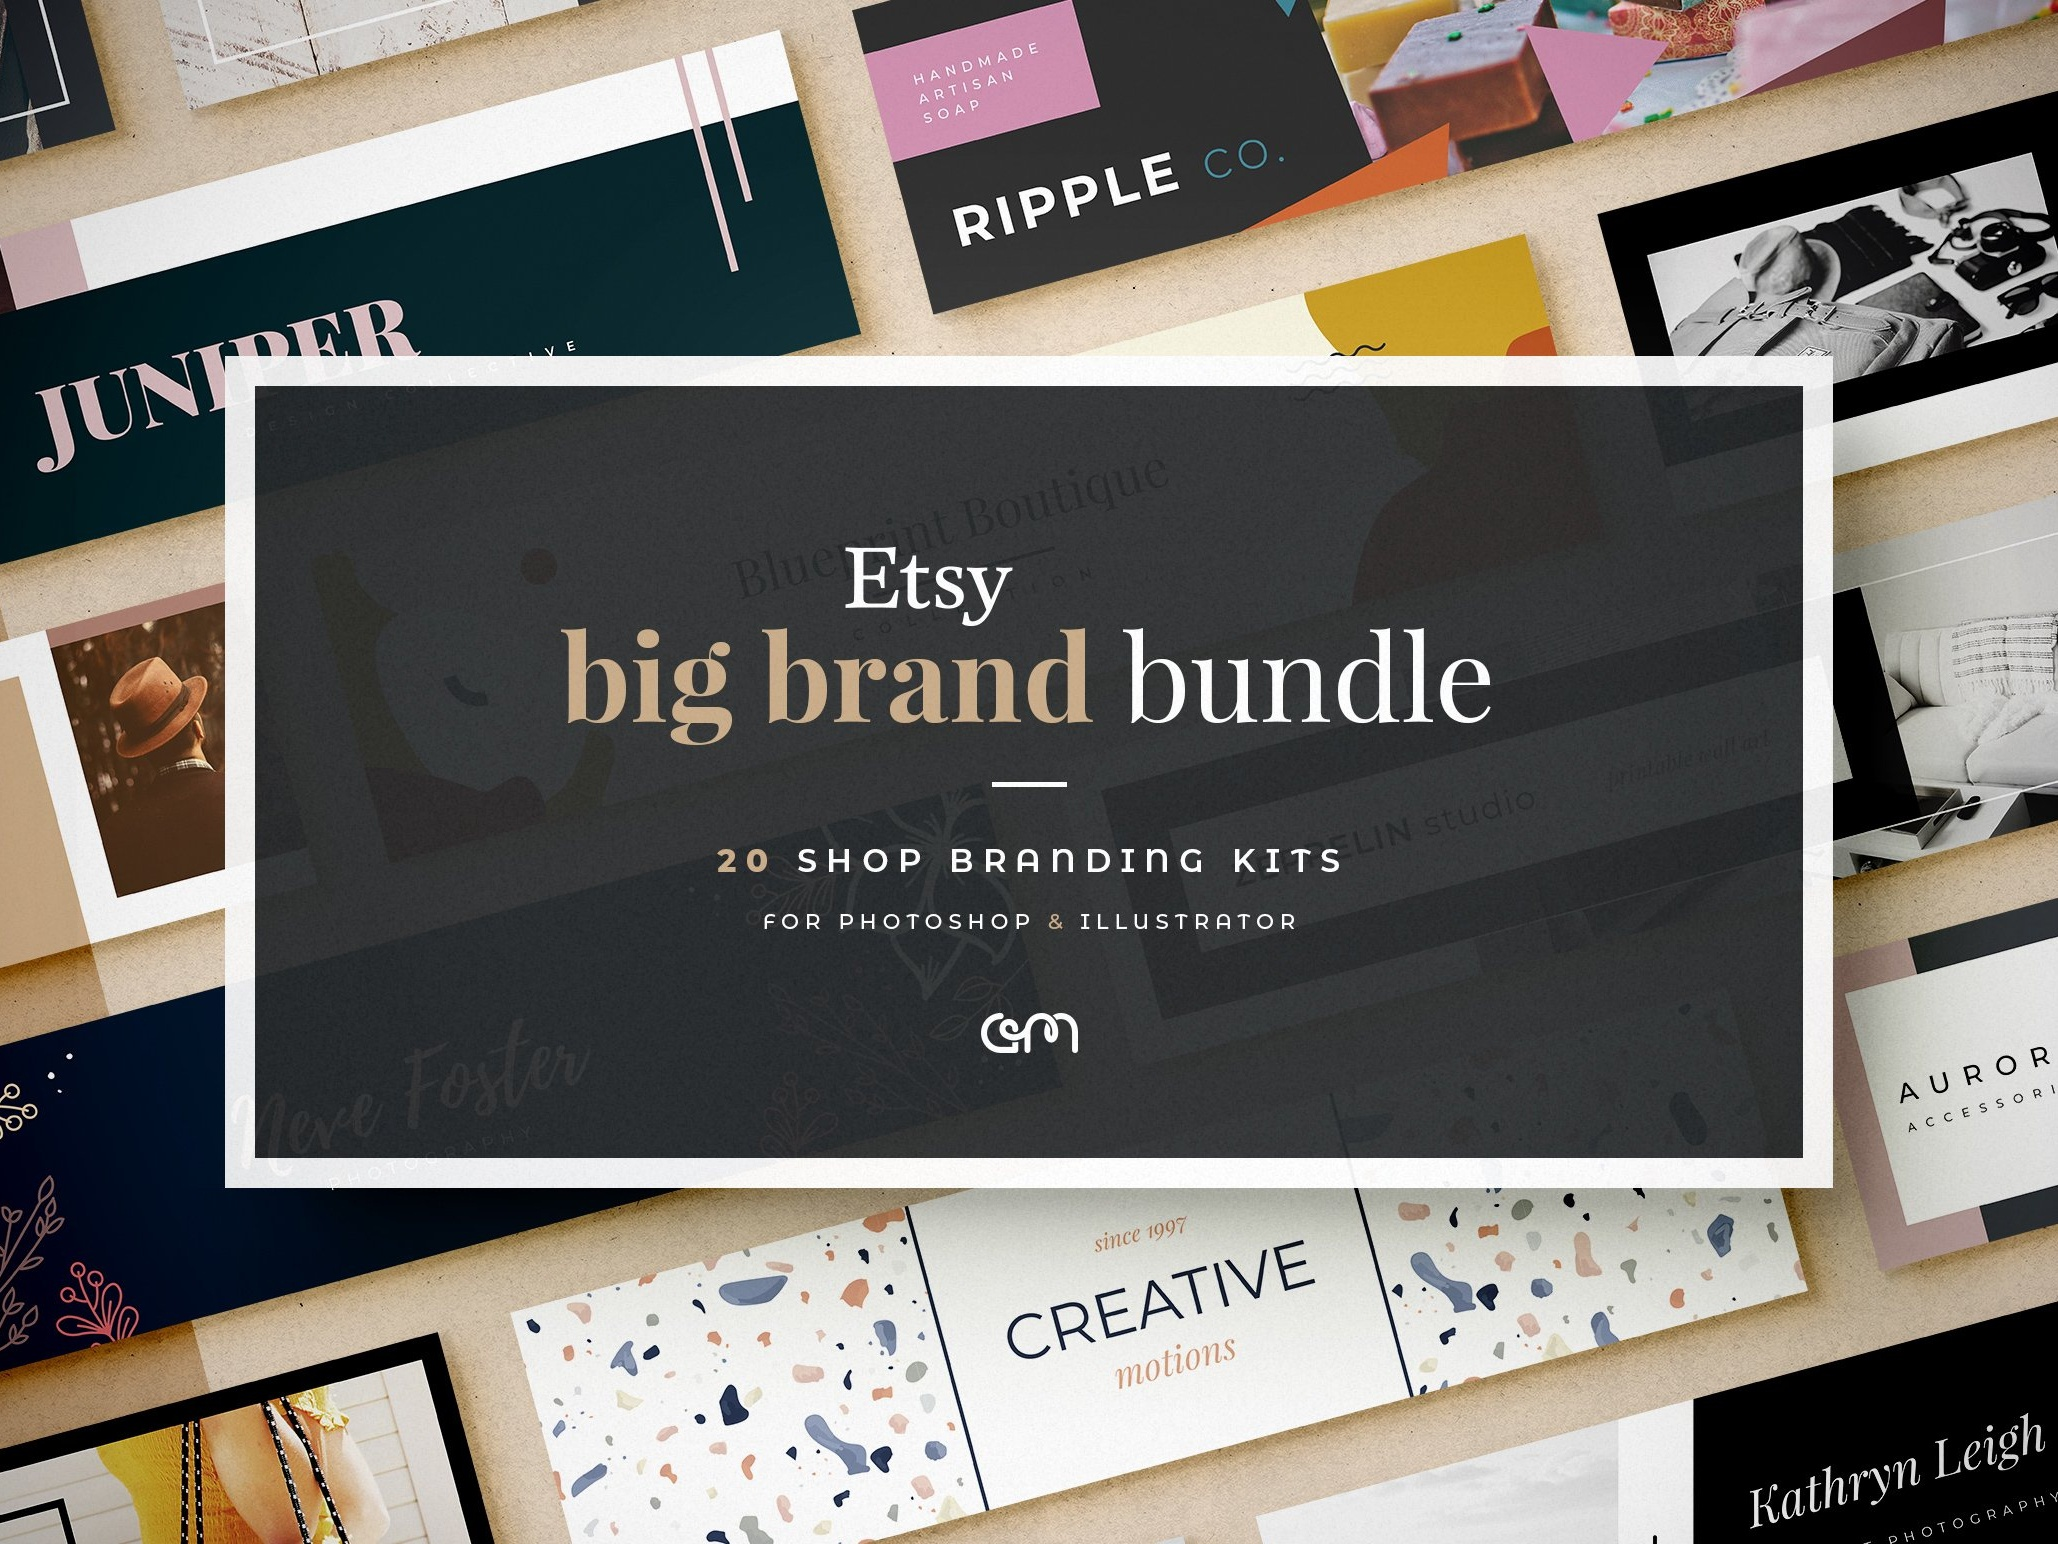 sito web per lo sconto nuova alta qualità bene fuori x Etsy Big Brand Bundle by Adele Mawhinney on Dribbble